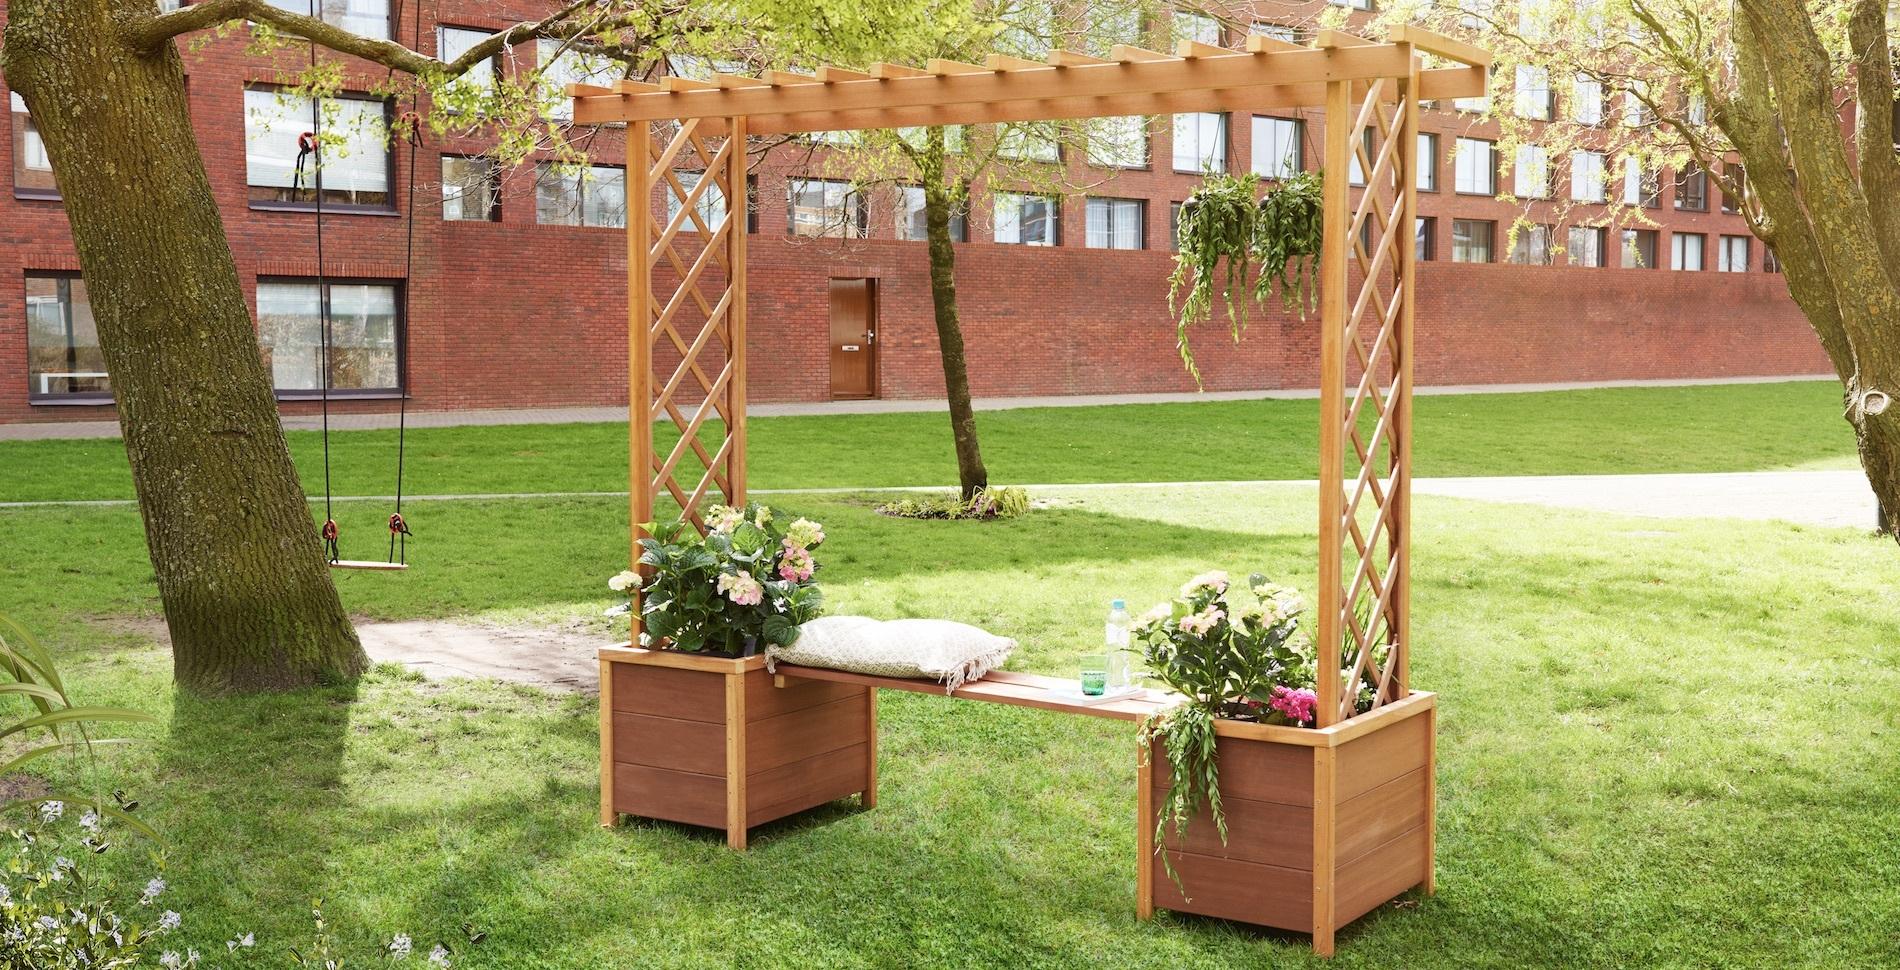 Maak een tuinbank met een pergola - Bedekking voor pergola ...